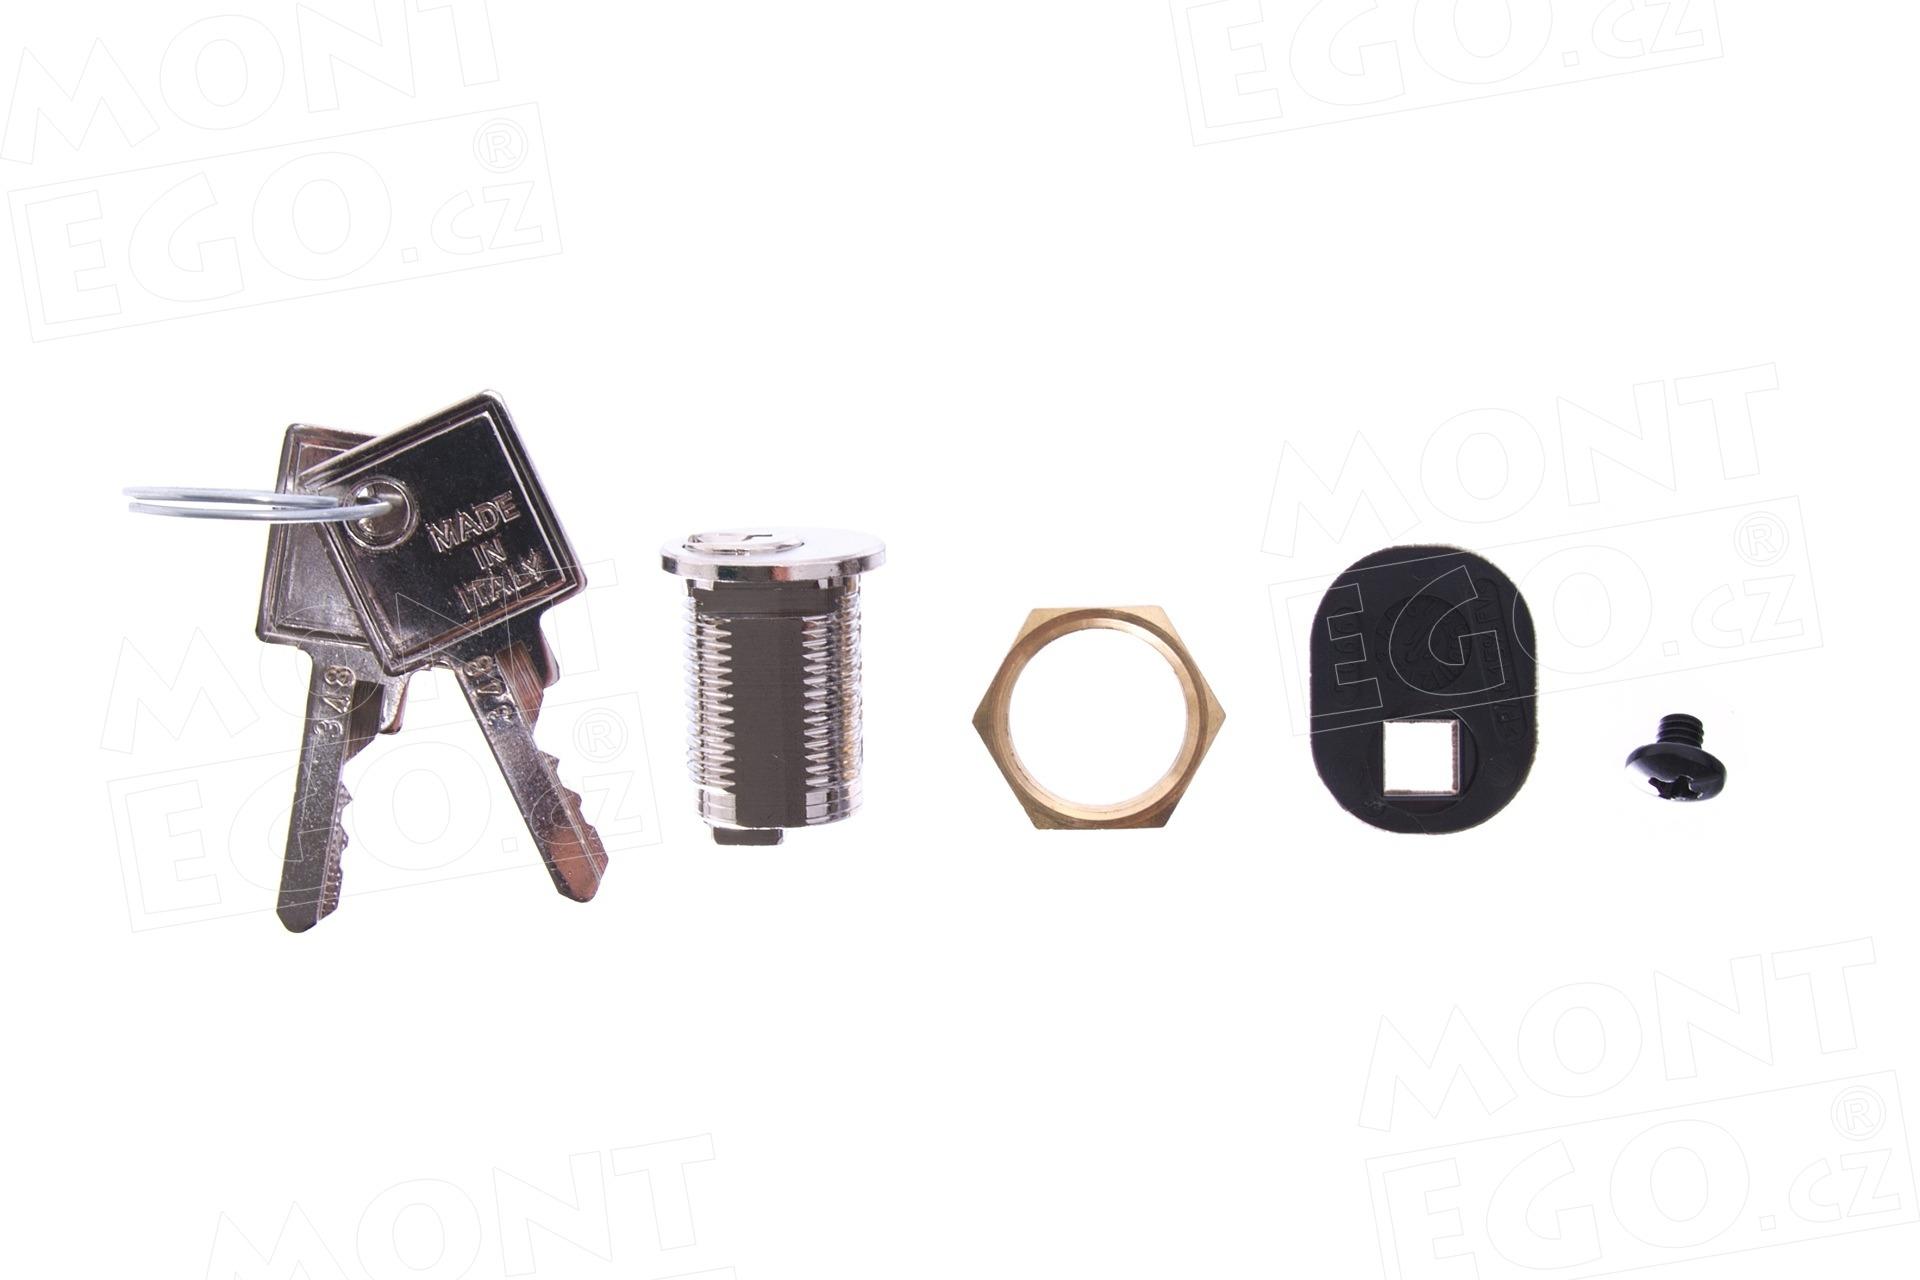 CAME 119RIBX042 zámek a klíče pro odblokování pohonu Came BX-243